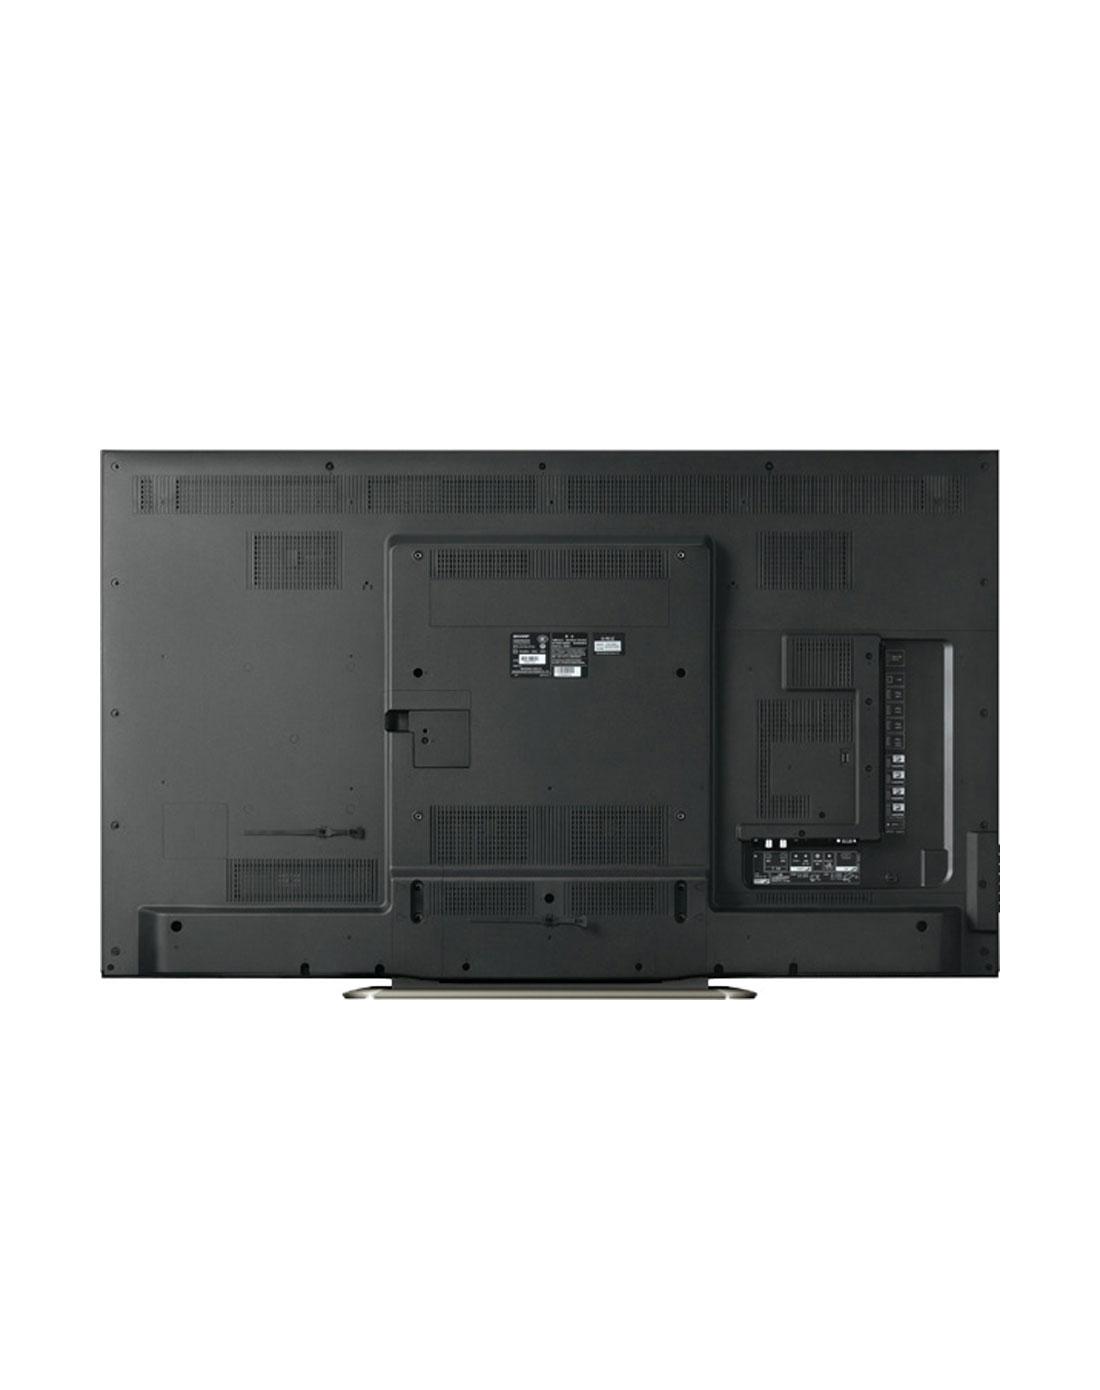 夏普52寸3d智能wifi led液晶电视,52lx750a安卓4.0全高清